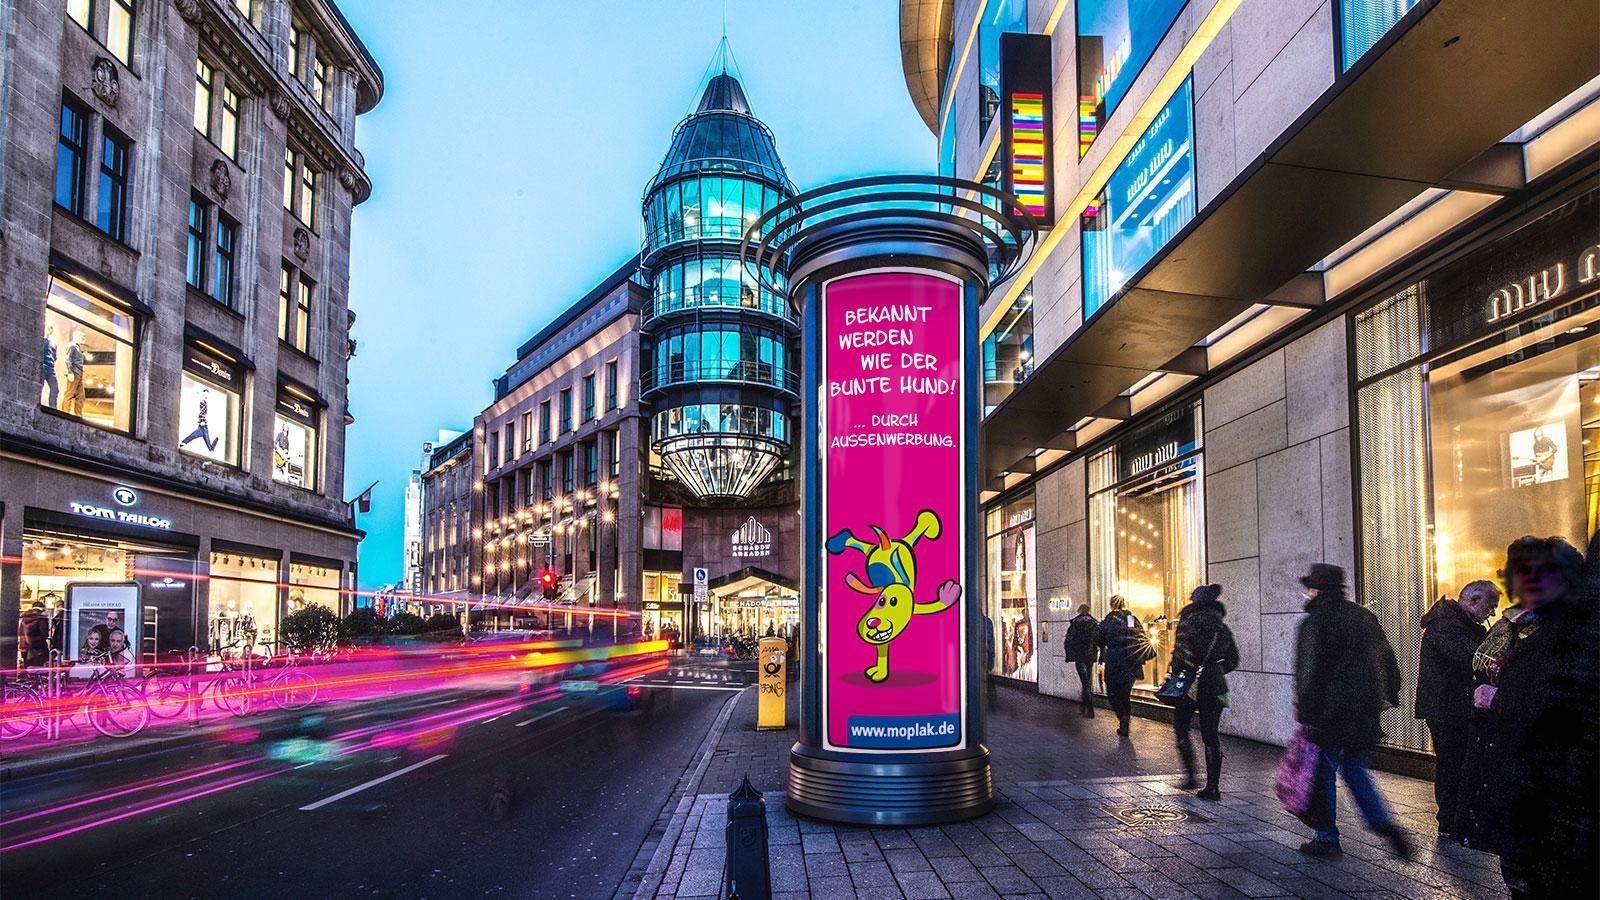 Frankfurt-am-Main-Aussenwerbung-Litfasssaeule-Werbung